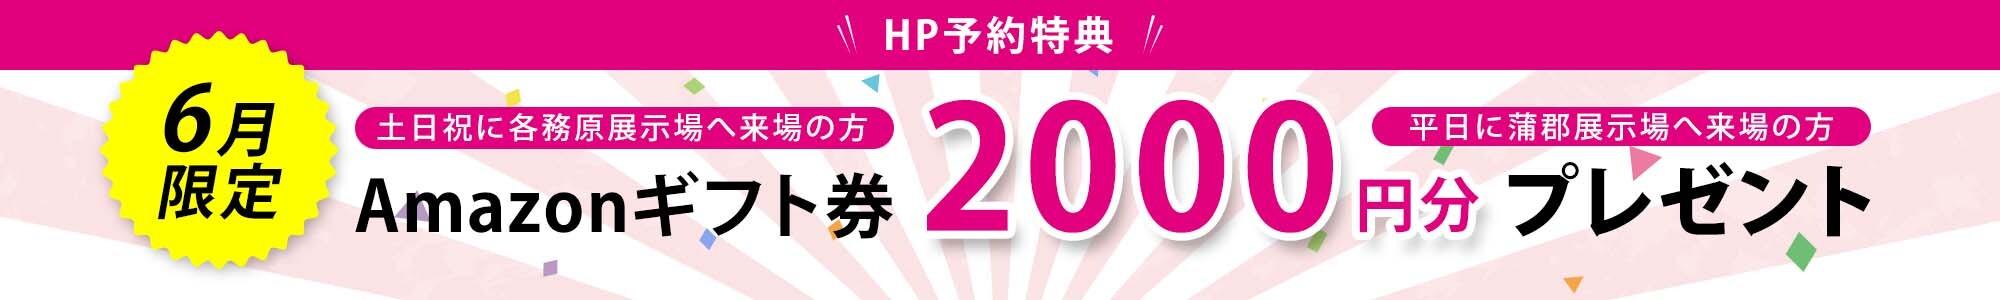 Amazonギフト券2000円プレゼント